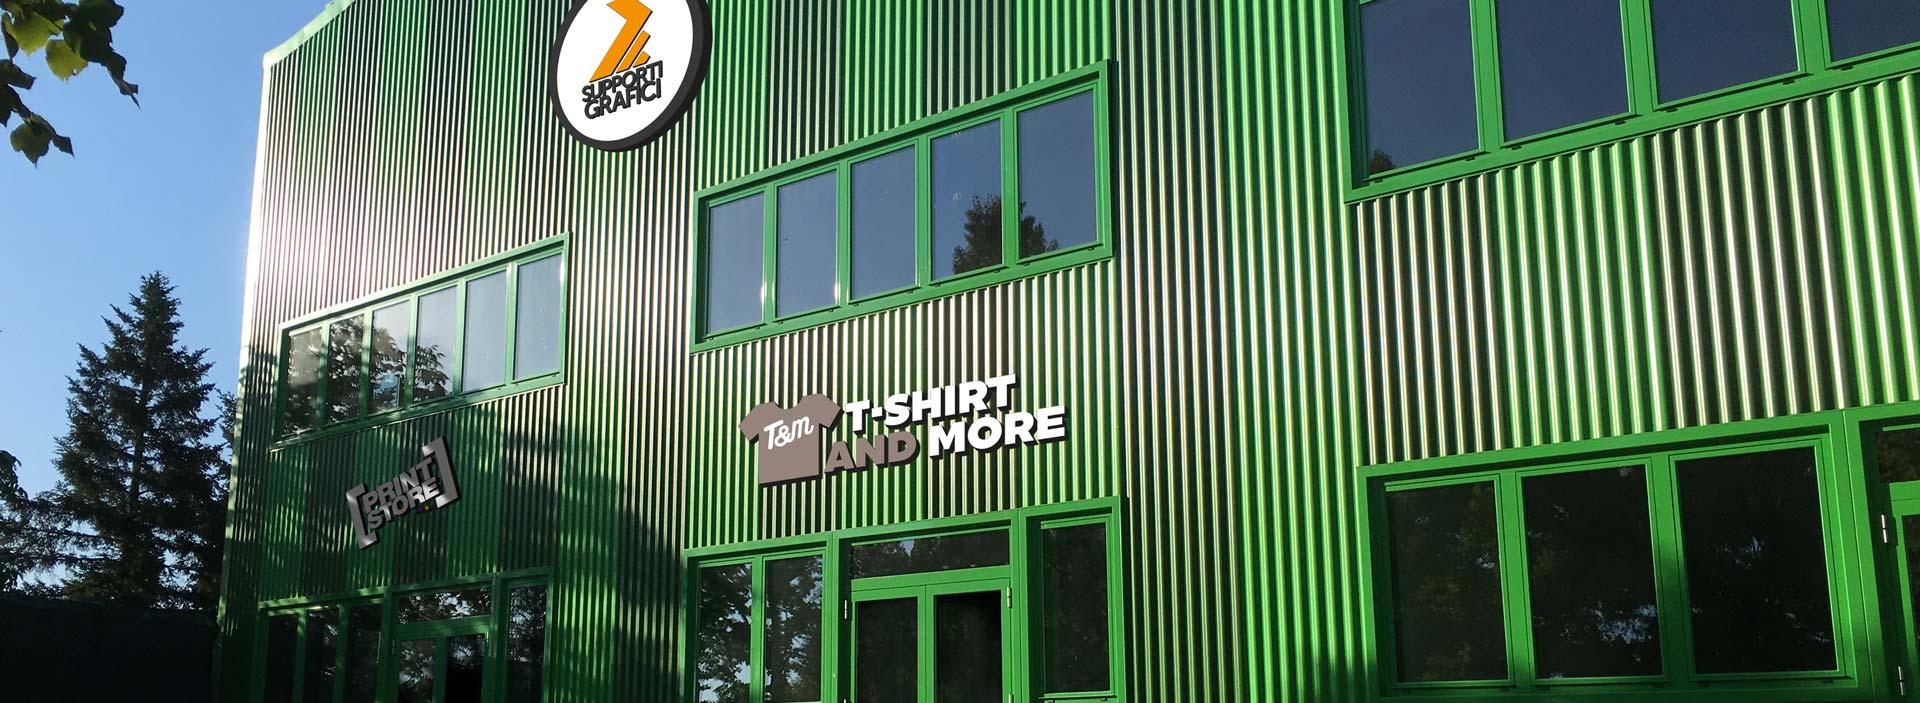 edificio ad alta efficienza energetica sede di T-shirt and More